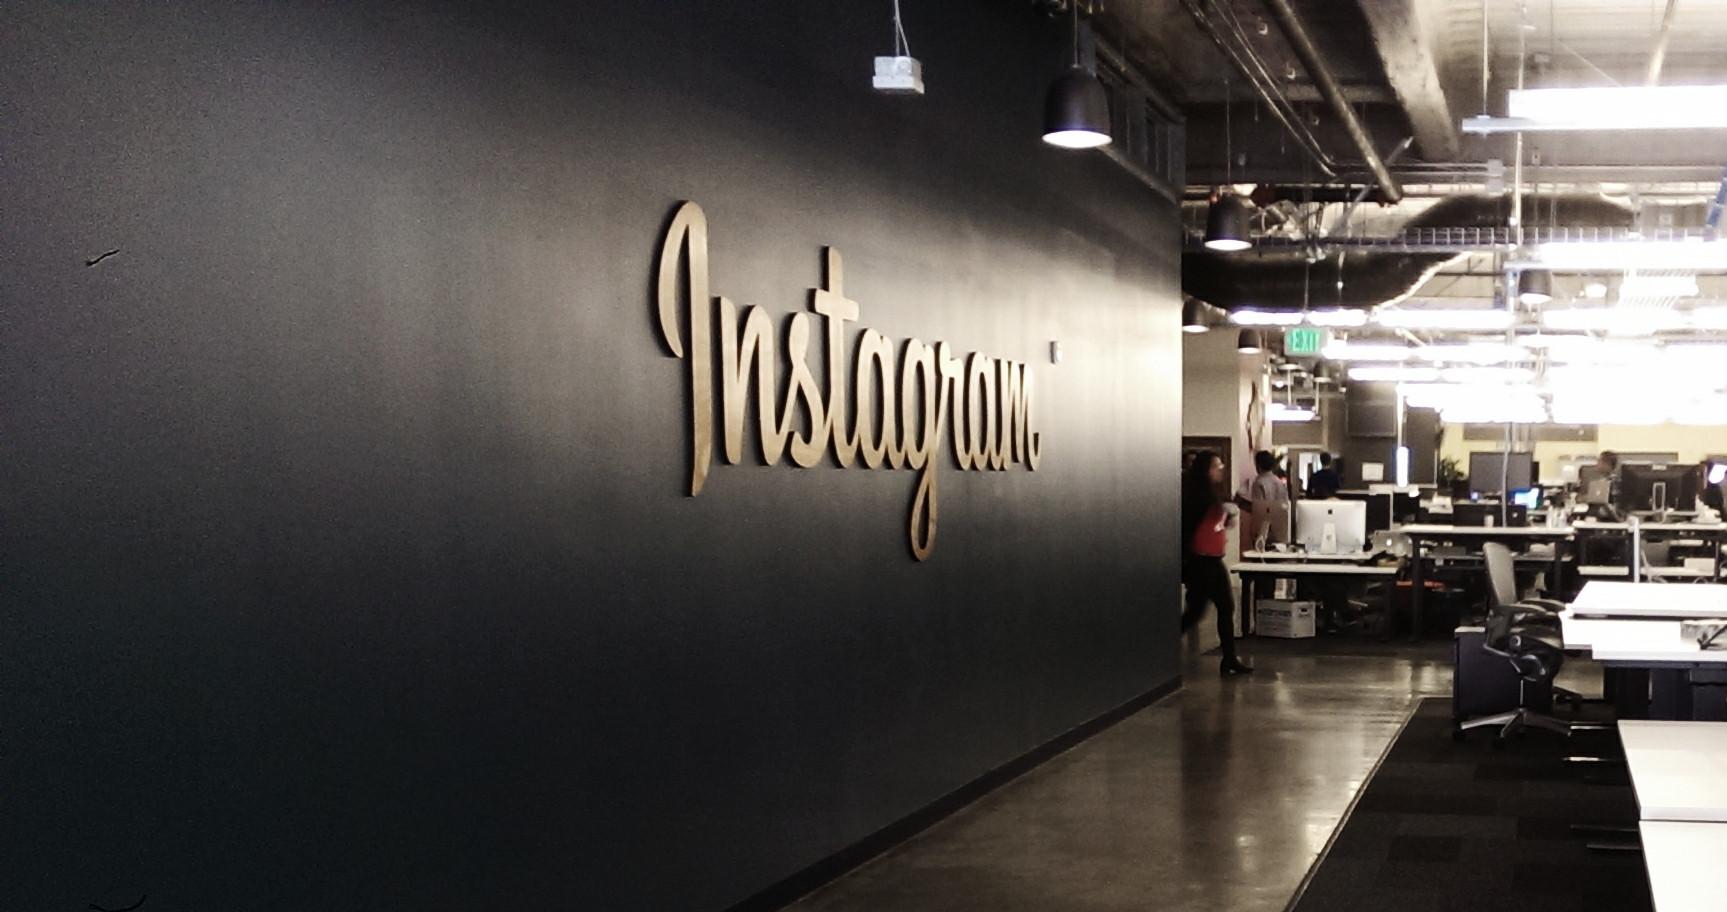 Instagram, ce sont maintenant 500 millions d'utilisateurs actifs